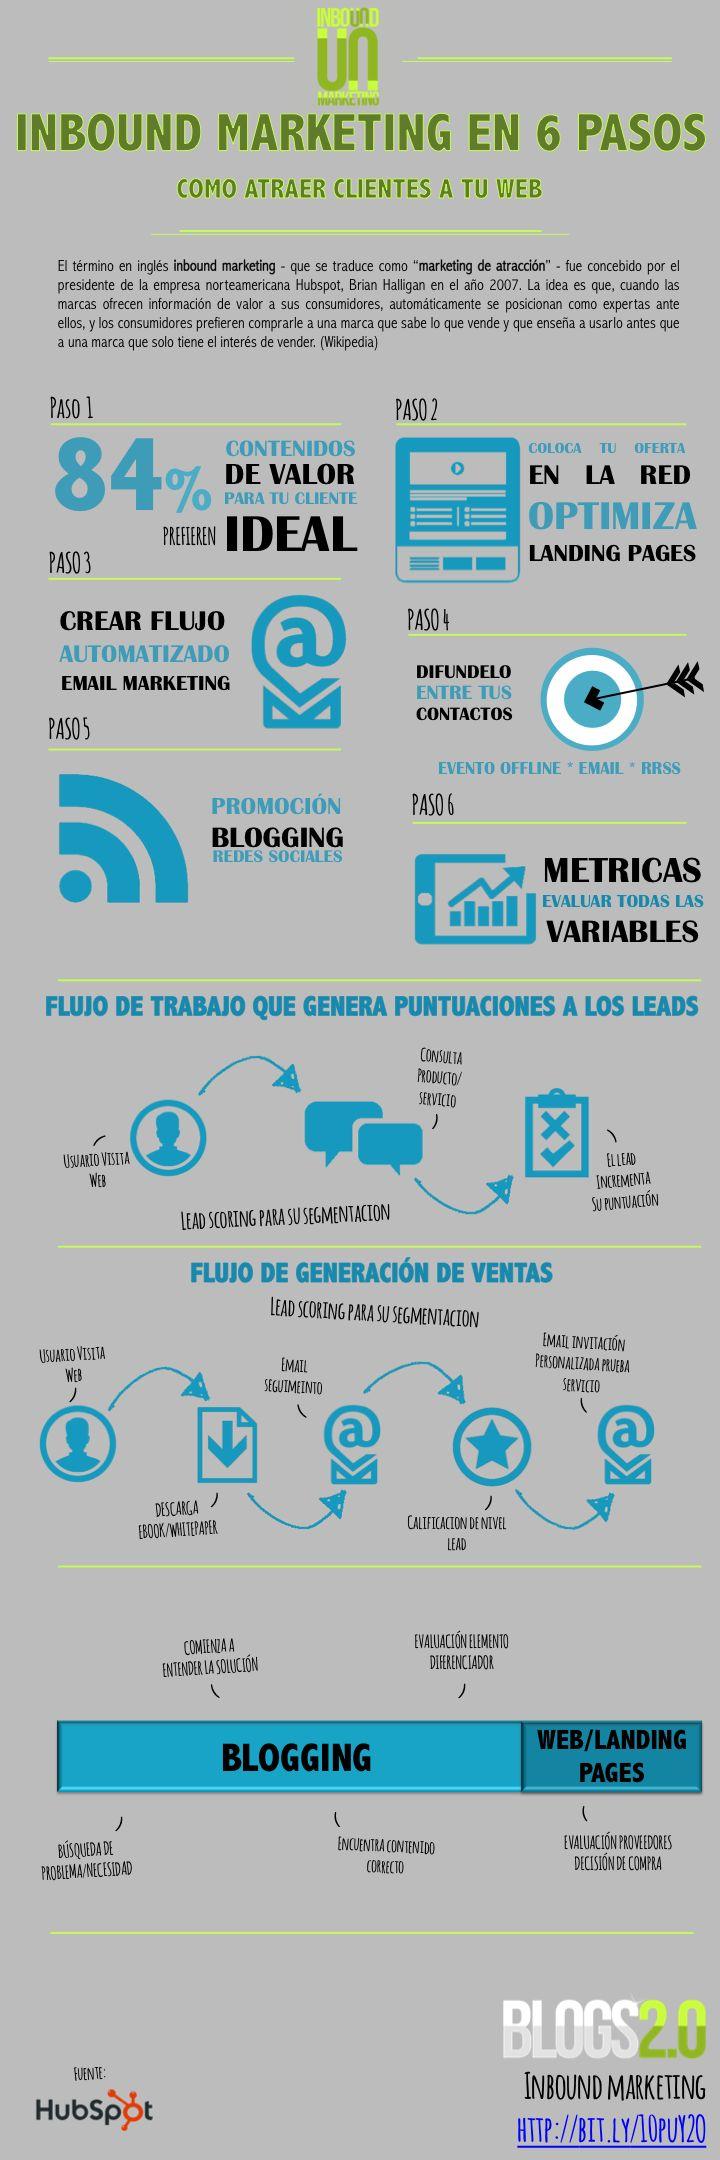 Marketing de atracción en 6 pasos #infografia #infographic #socialmedia